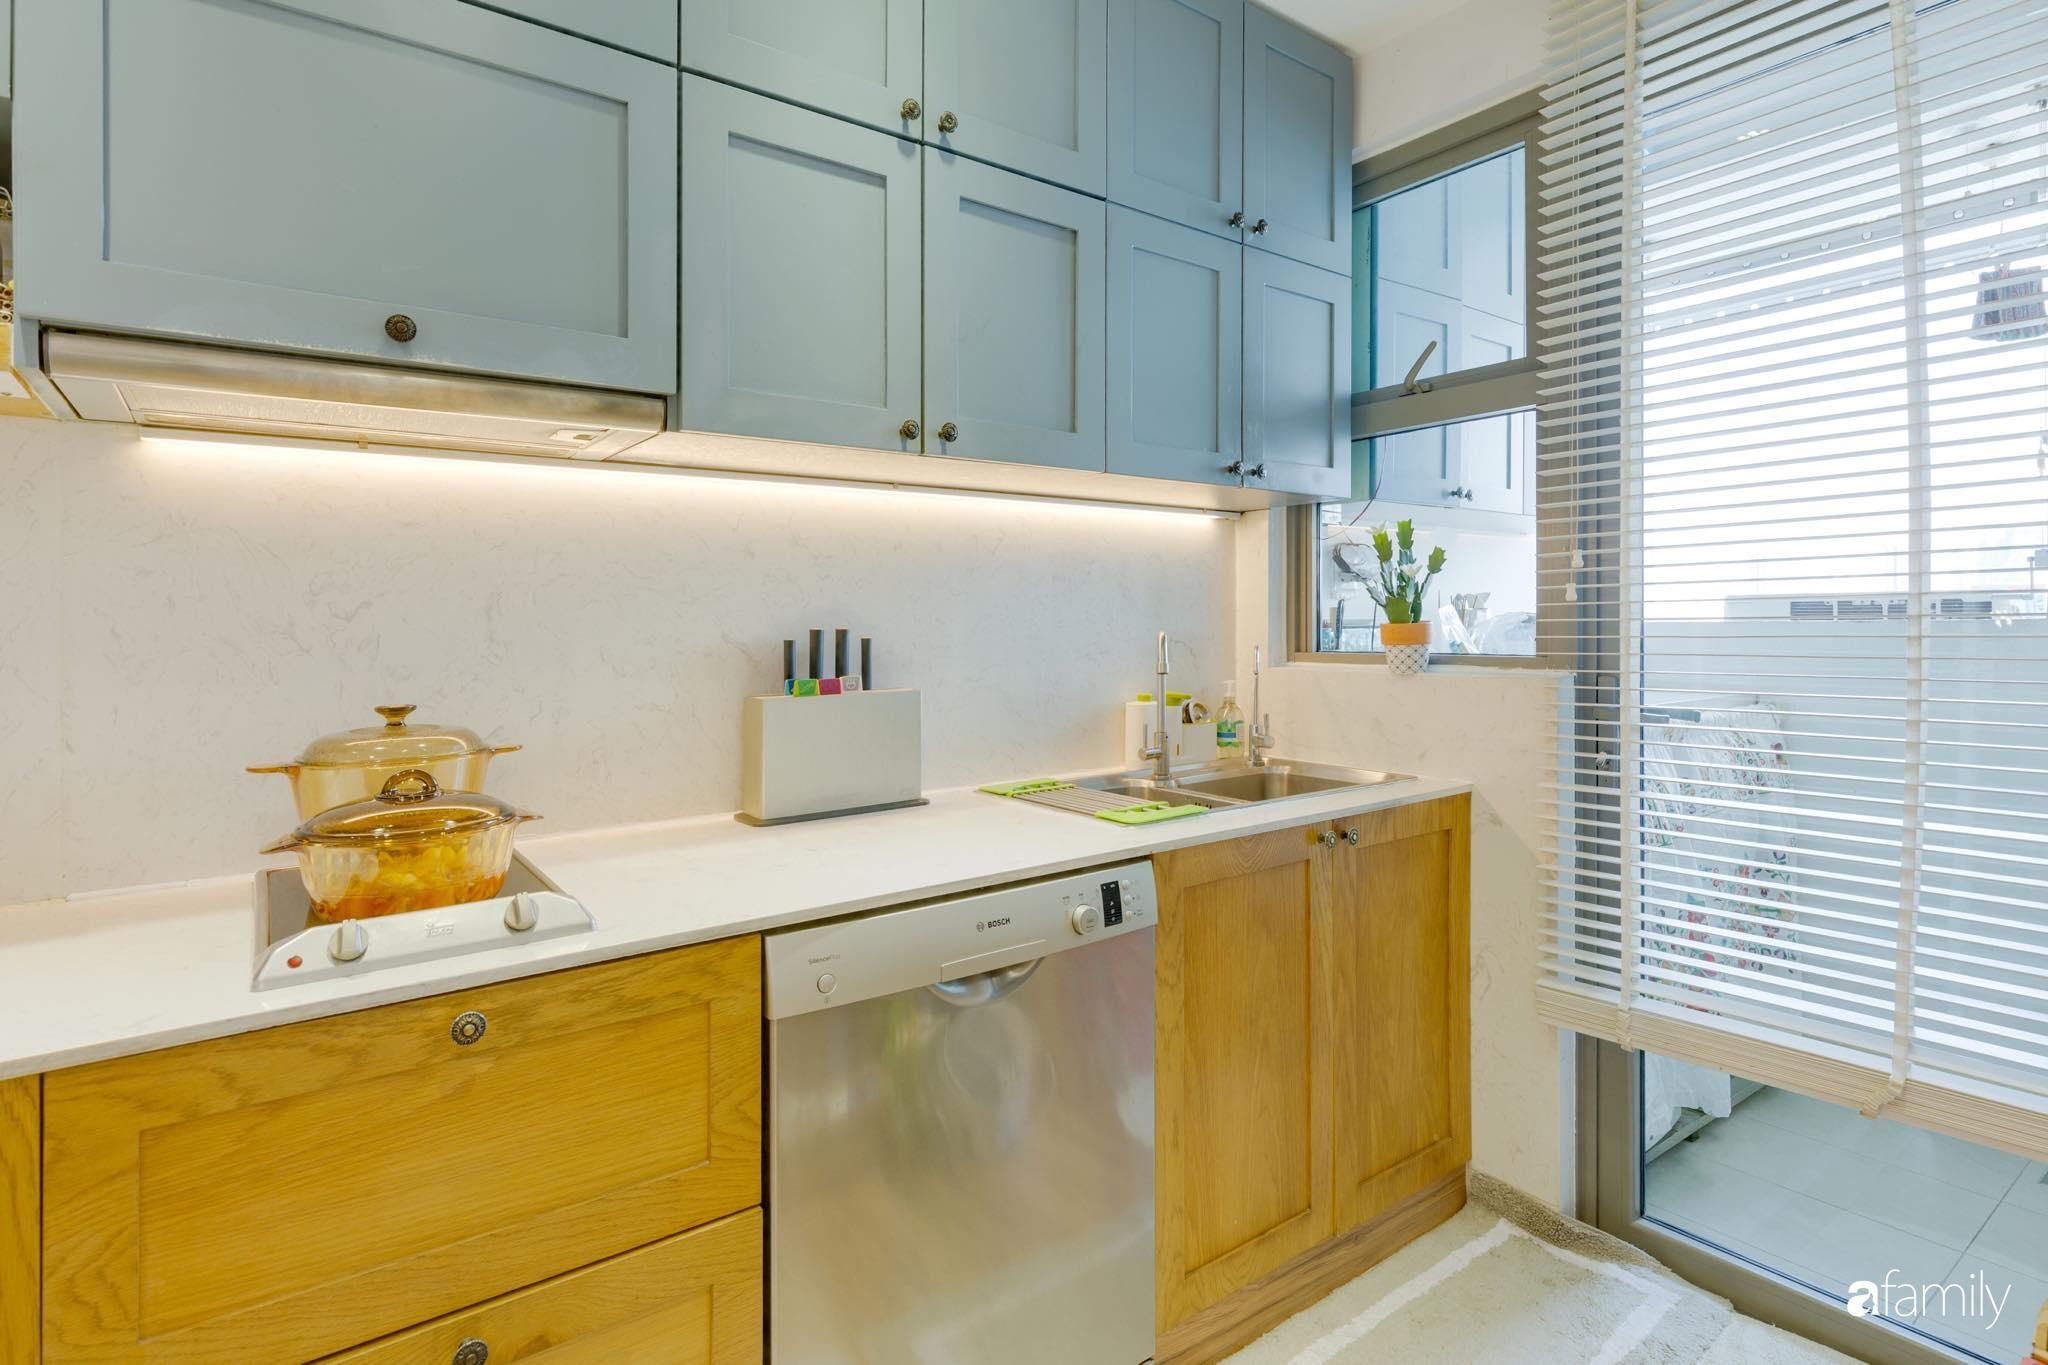 Căn hộ 92m² với góc nào cũng đẹp như trong tạp chí nước ngoài của gia chủ yêu thích trang trí nội thất ở Sài Gòn - Ảnh 13.